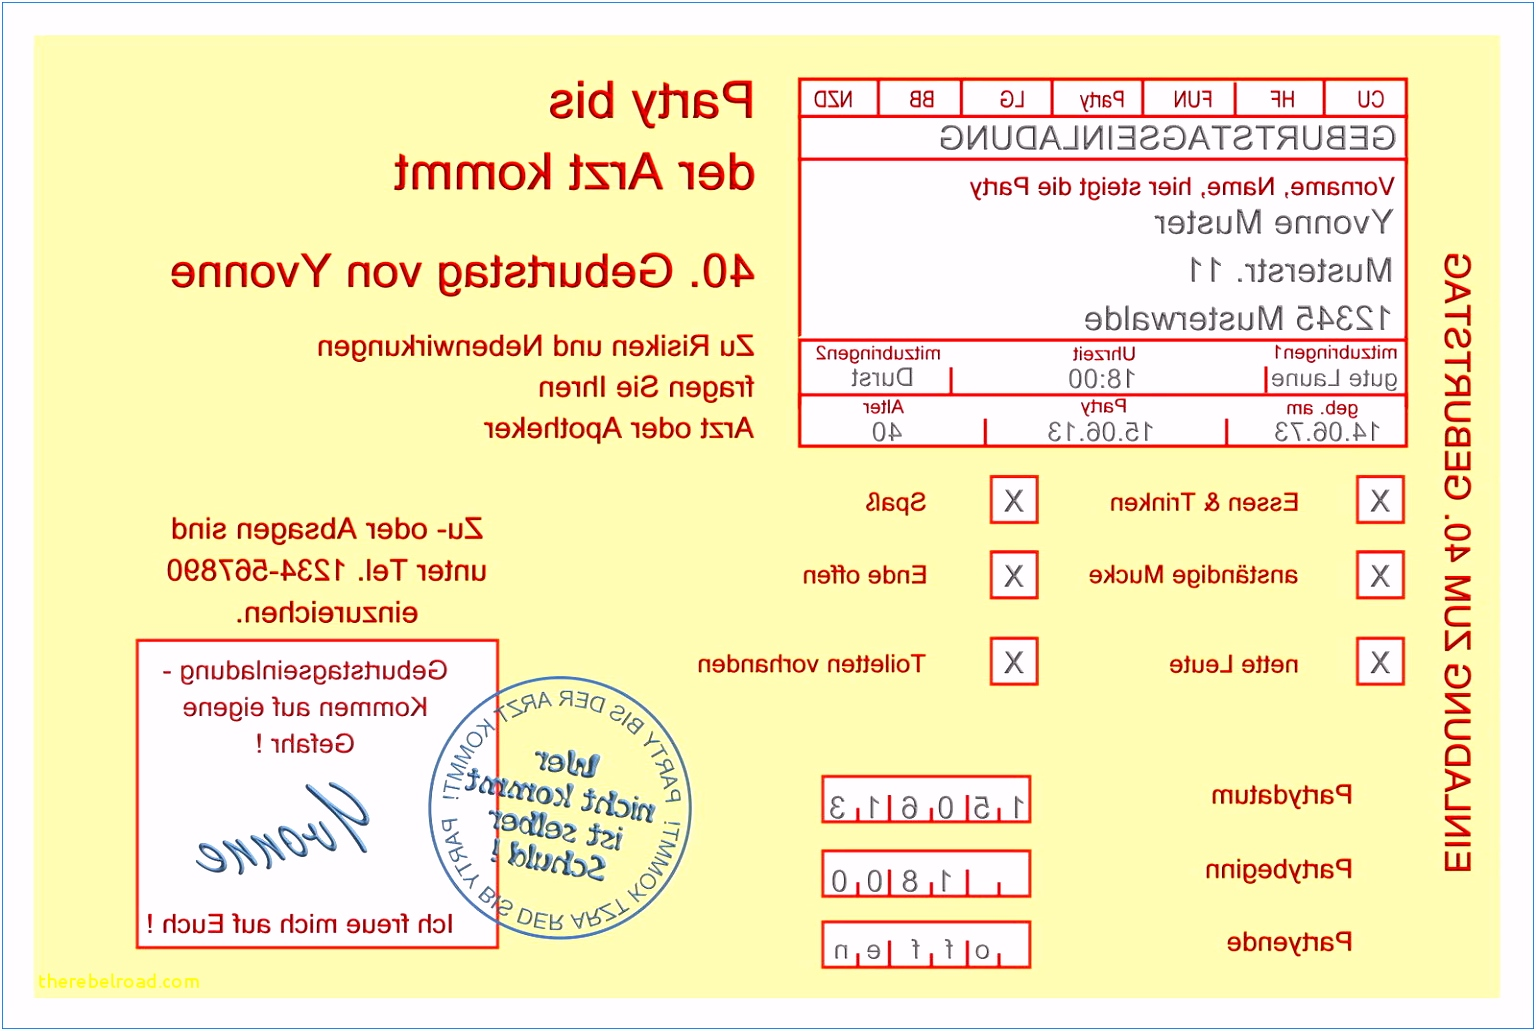 Geburtstagskarten Vorlagen Geburtstagskarten Zum Ausdrucken U2jc91tgy5 E2vf64jsr6